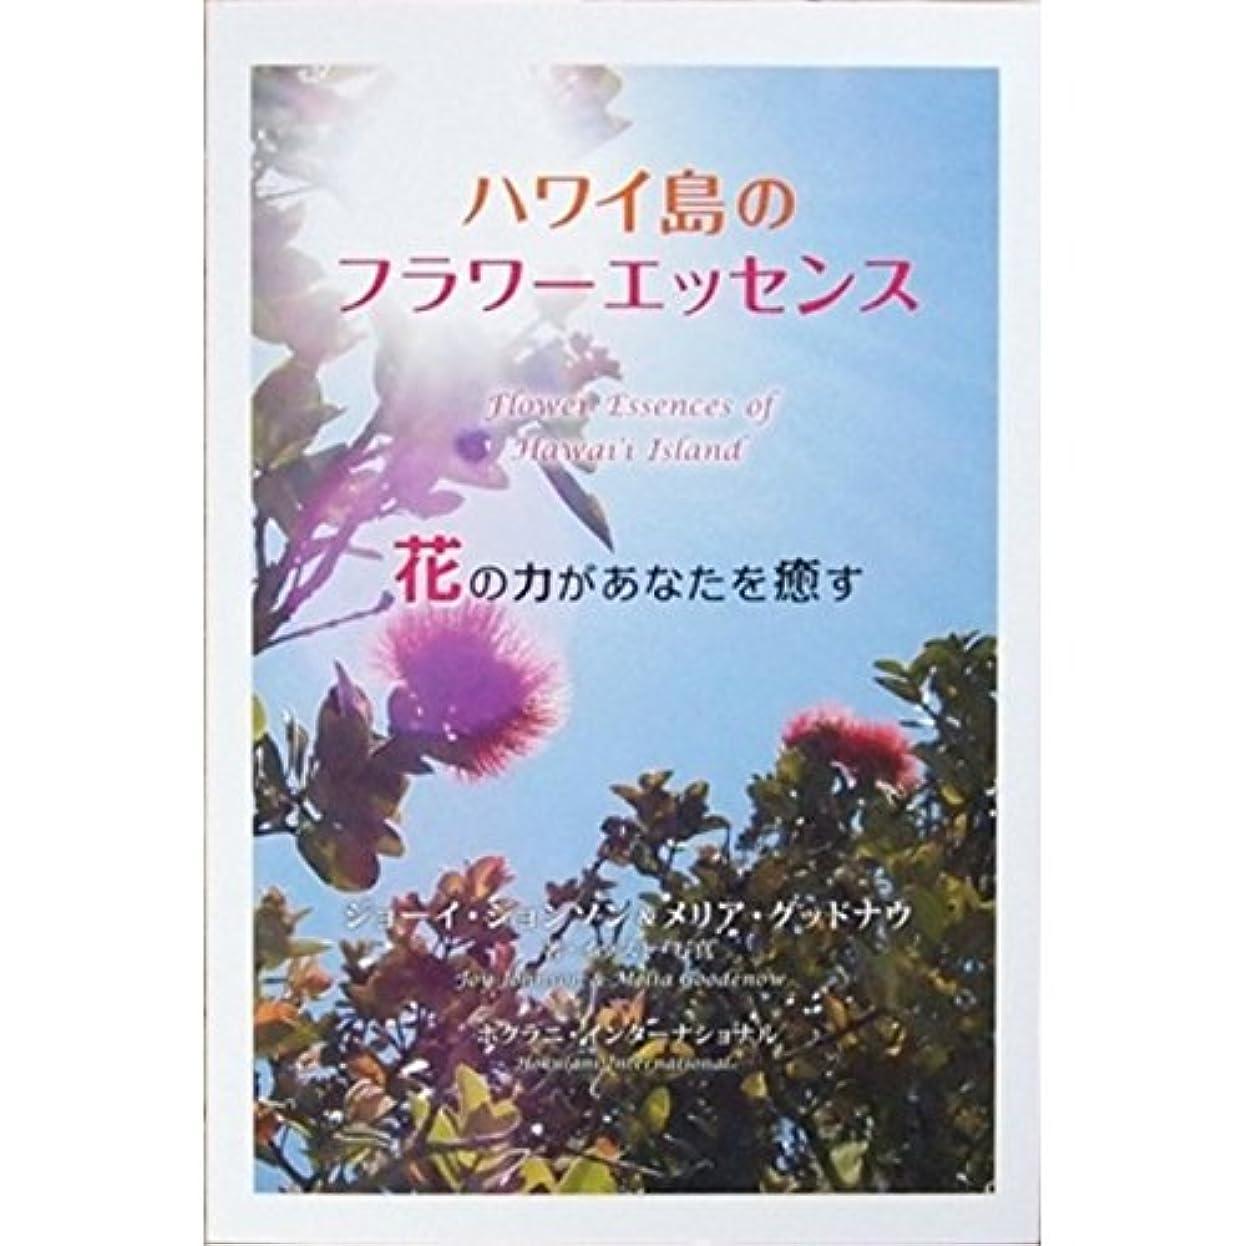 始めるバリー用量ハワイアン レインフォレスト ナチュラルズ 書籍『ハワイ島のフラワーエッセンス 花の力があなたを癒す』